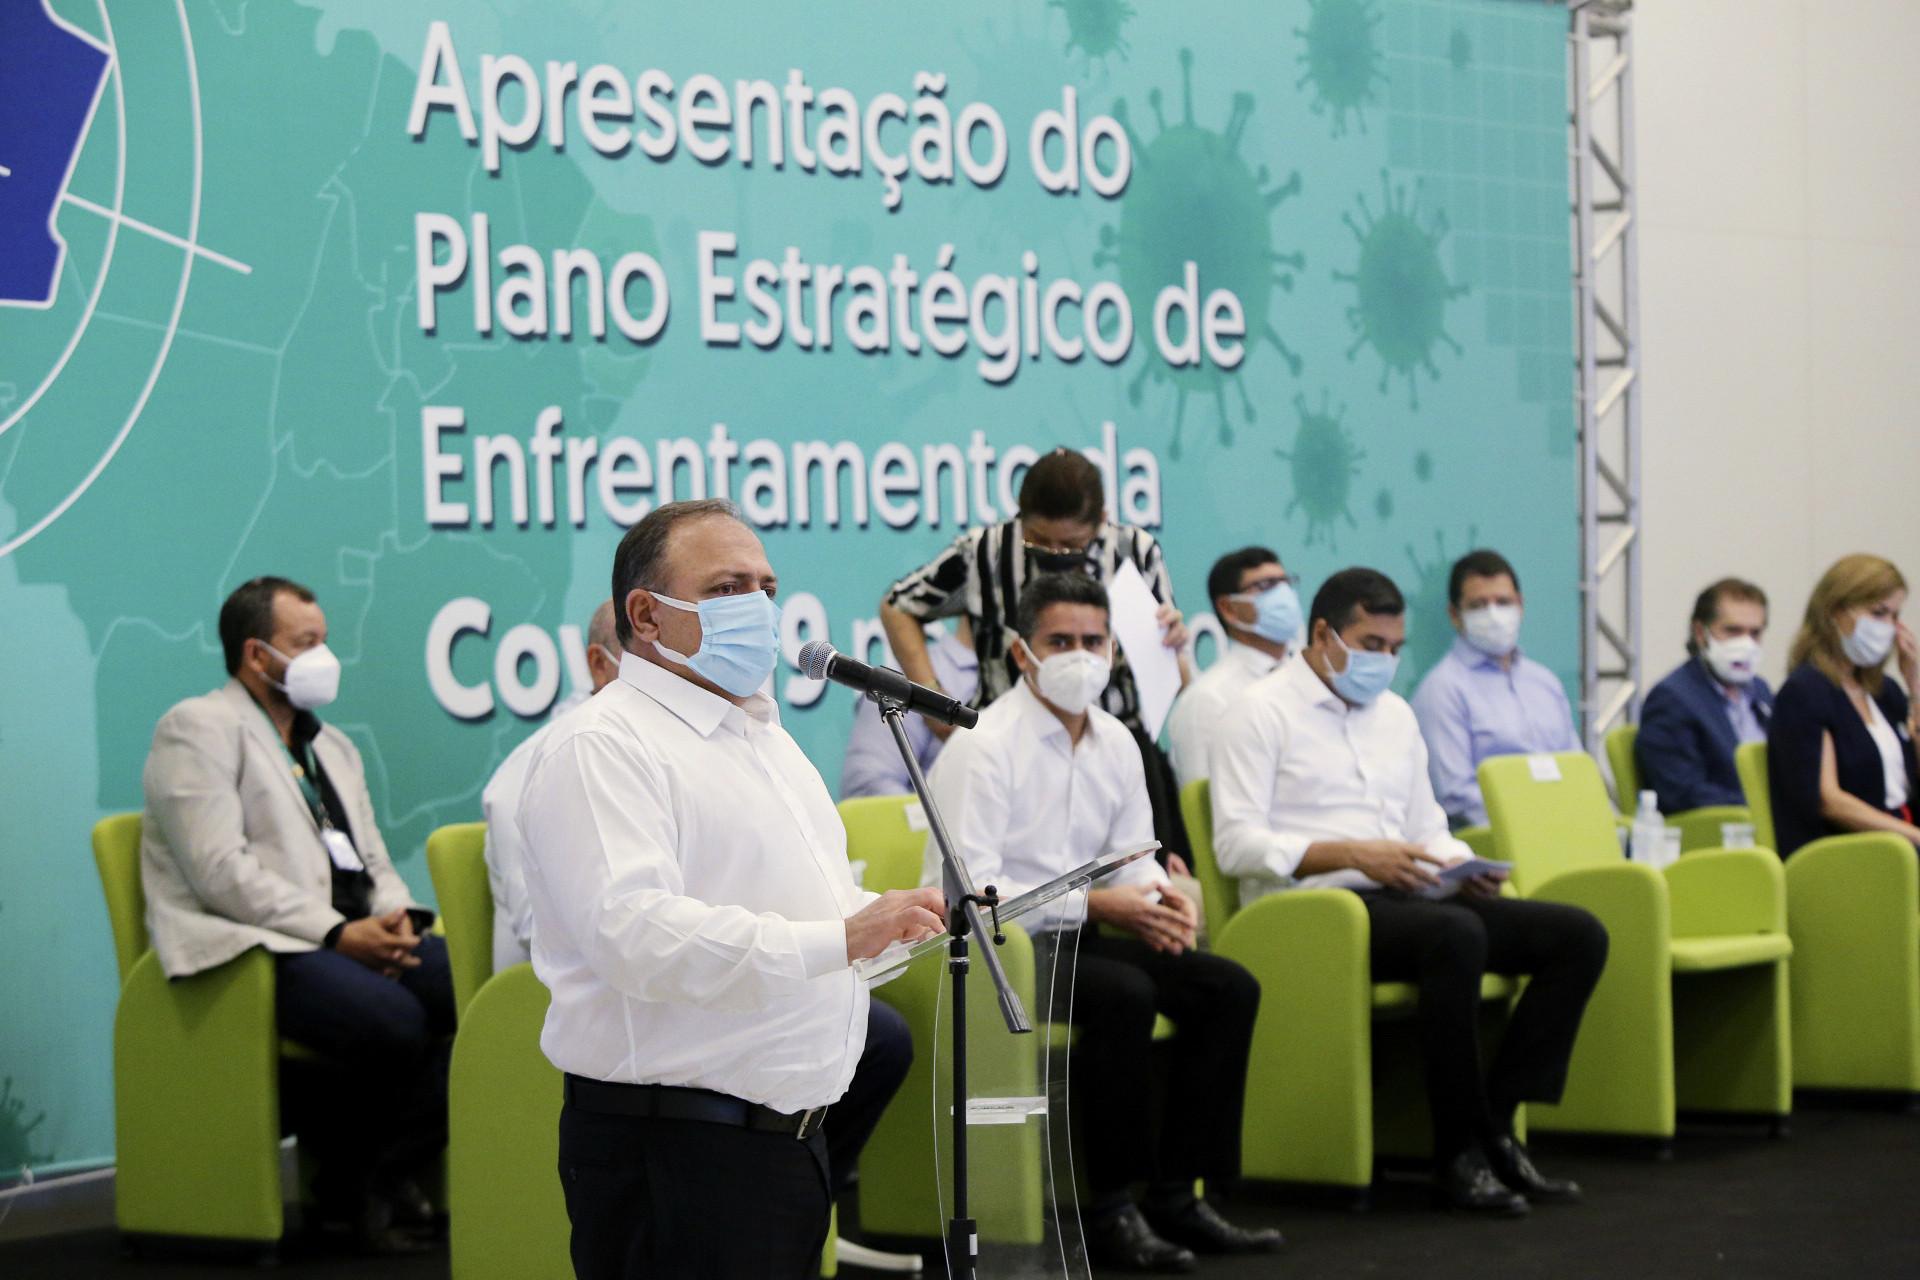 IMAGEM: O que Pazuello chamou de 'hackeamento' foi jornalismo